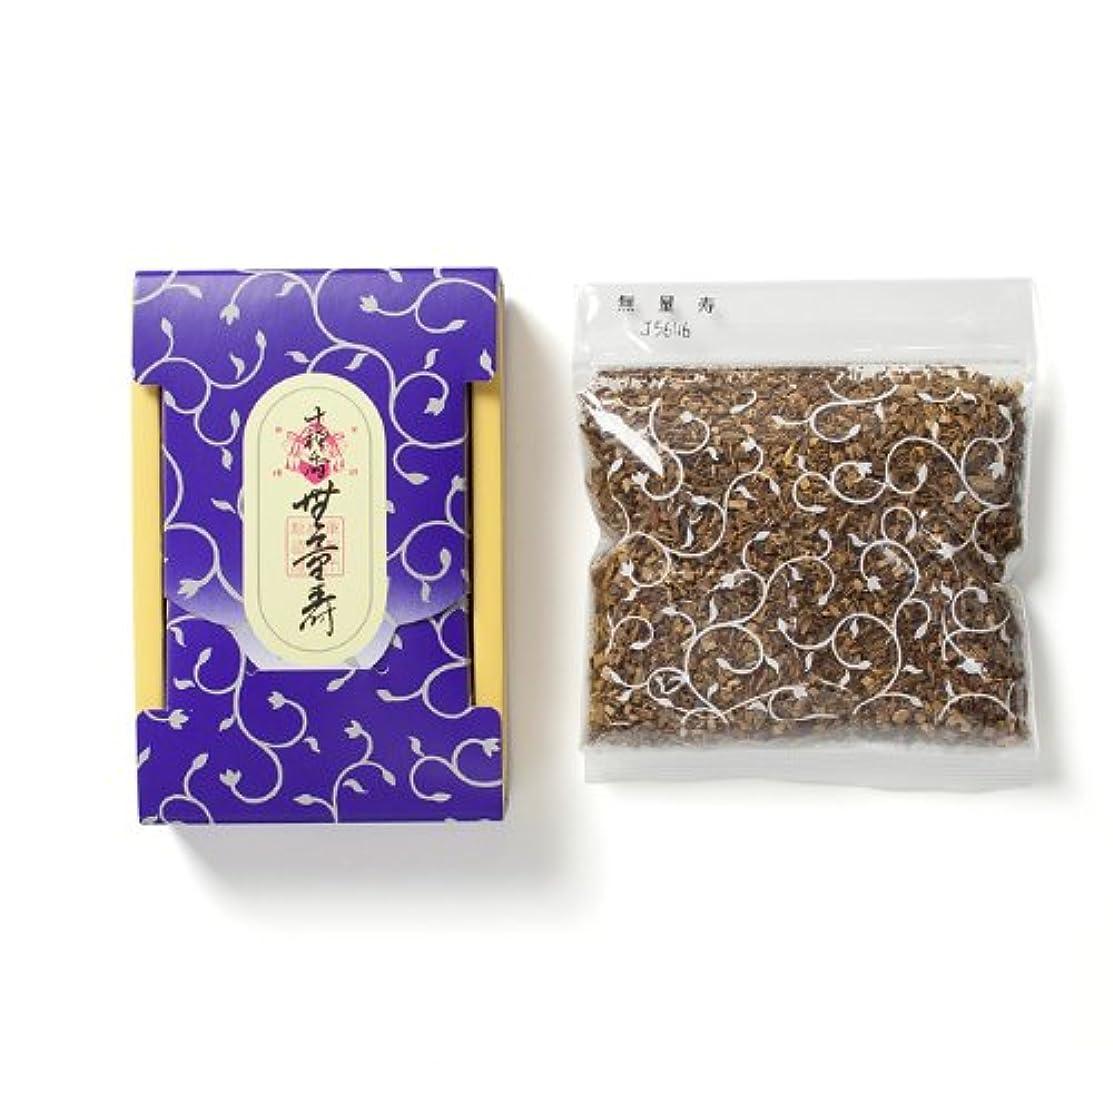 クラッチバット個人松栄堂のお焼香 十種香 無量寿 25g詰 小箱入 #410841